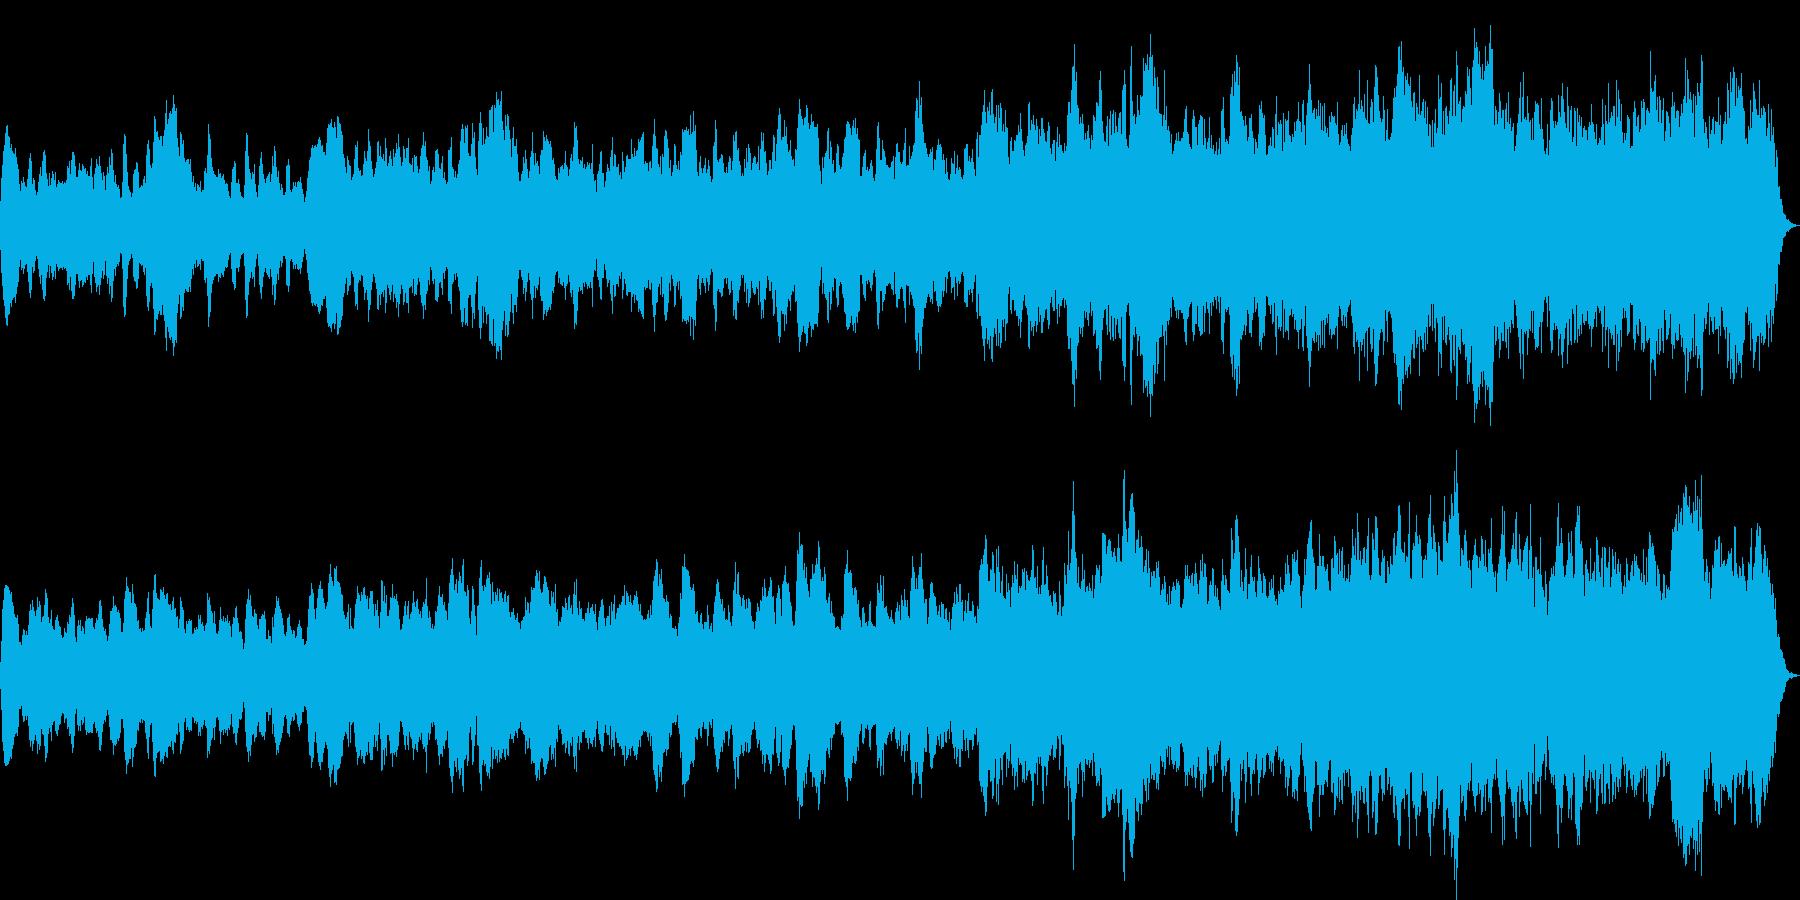 フルートとチェンバロの中世ルネッサンス風の再生済みの波形